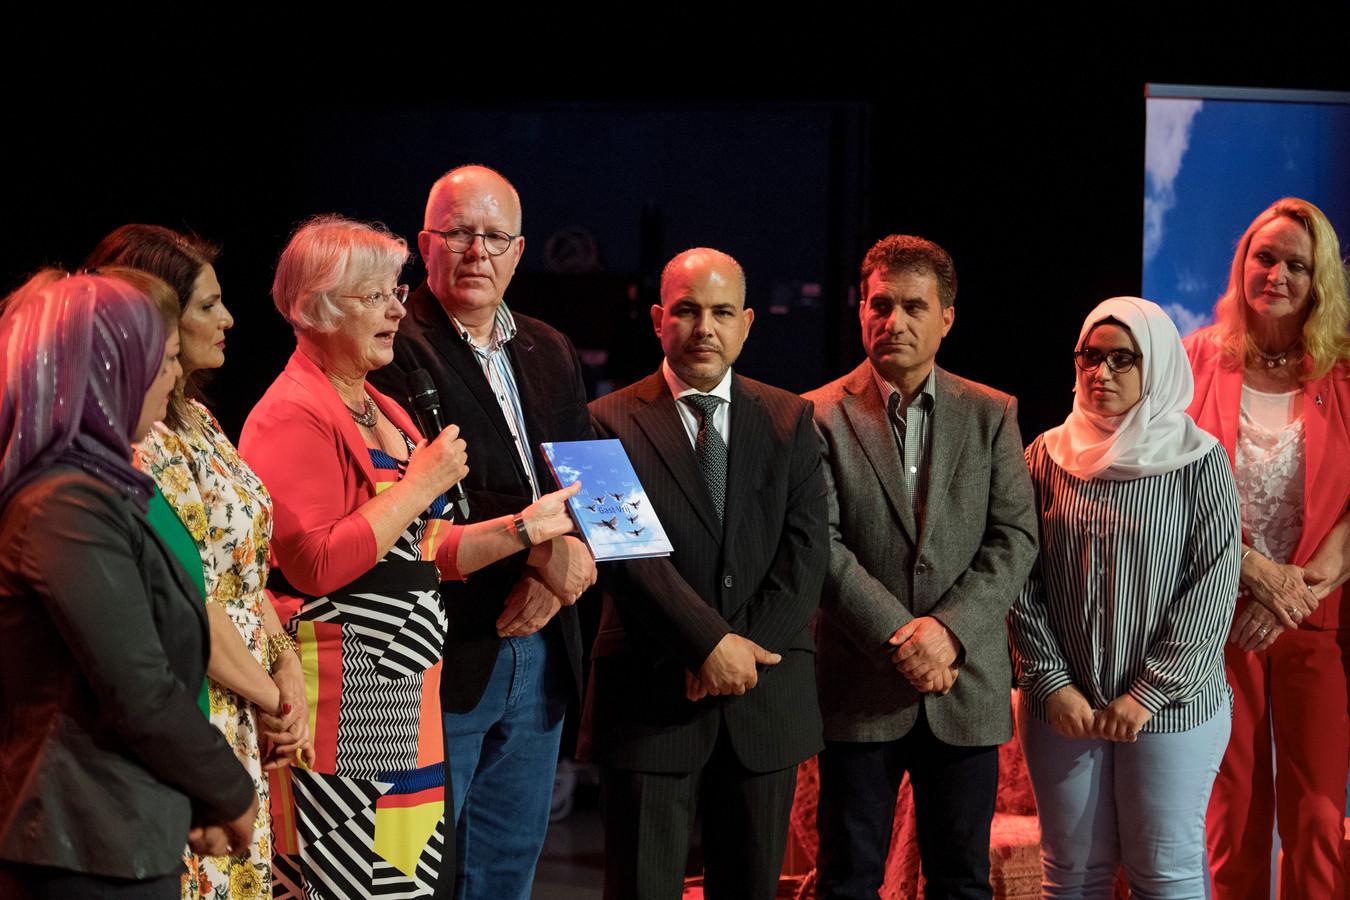 Gedeputeerde Josan Meijers (vierde van links) krijgt het boek Gast-Vrij uit handen van Zeger Visser (rechts naast haar).